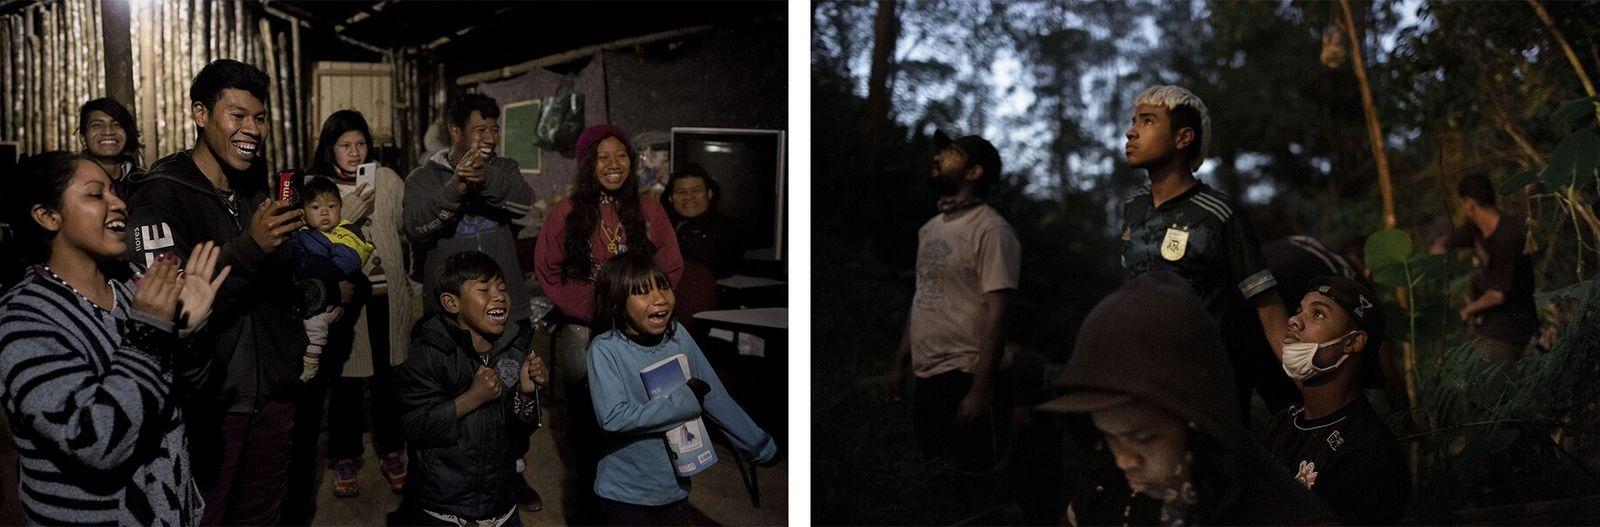 Esquerda: A comunidade celebra um aniversário em Guyra Pepó, uma aldeia no interior para onde se ...